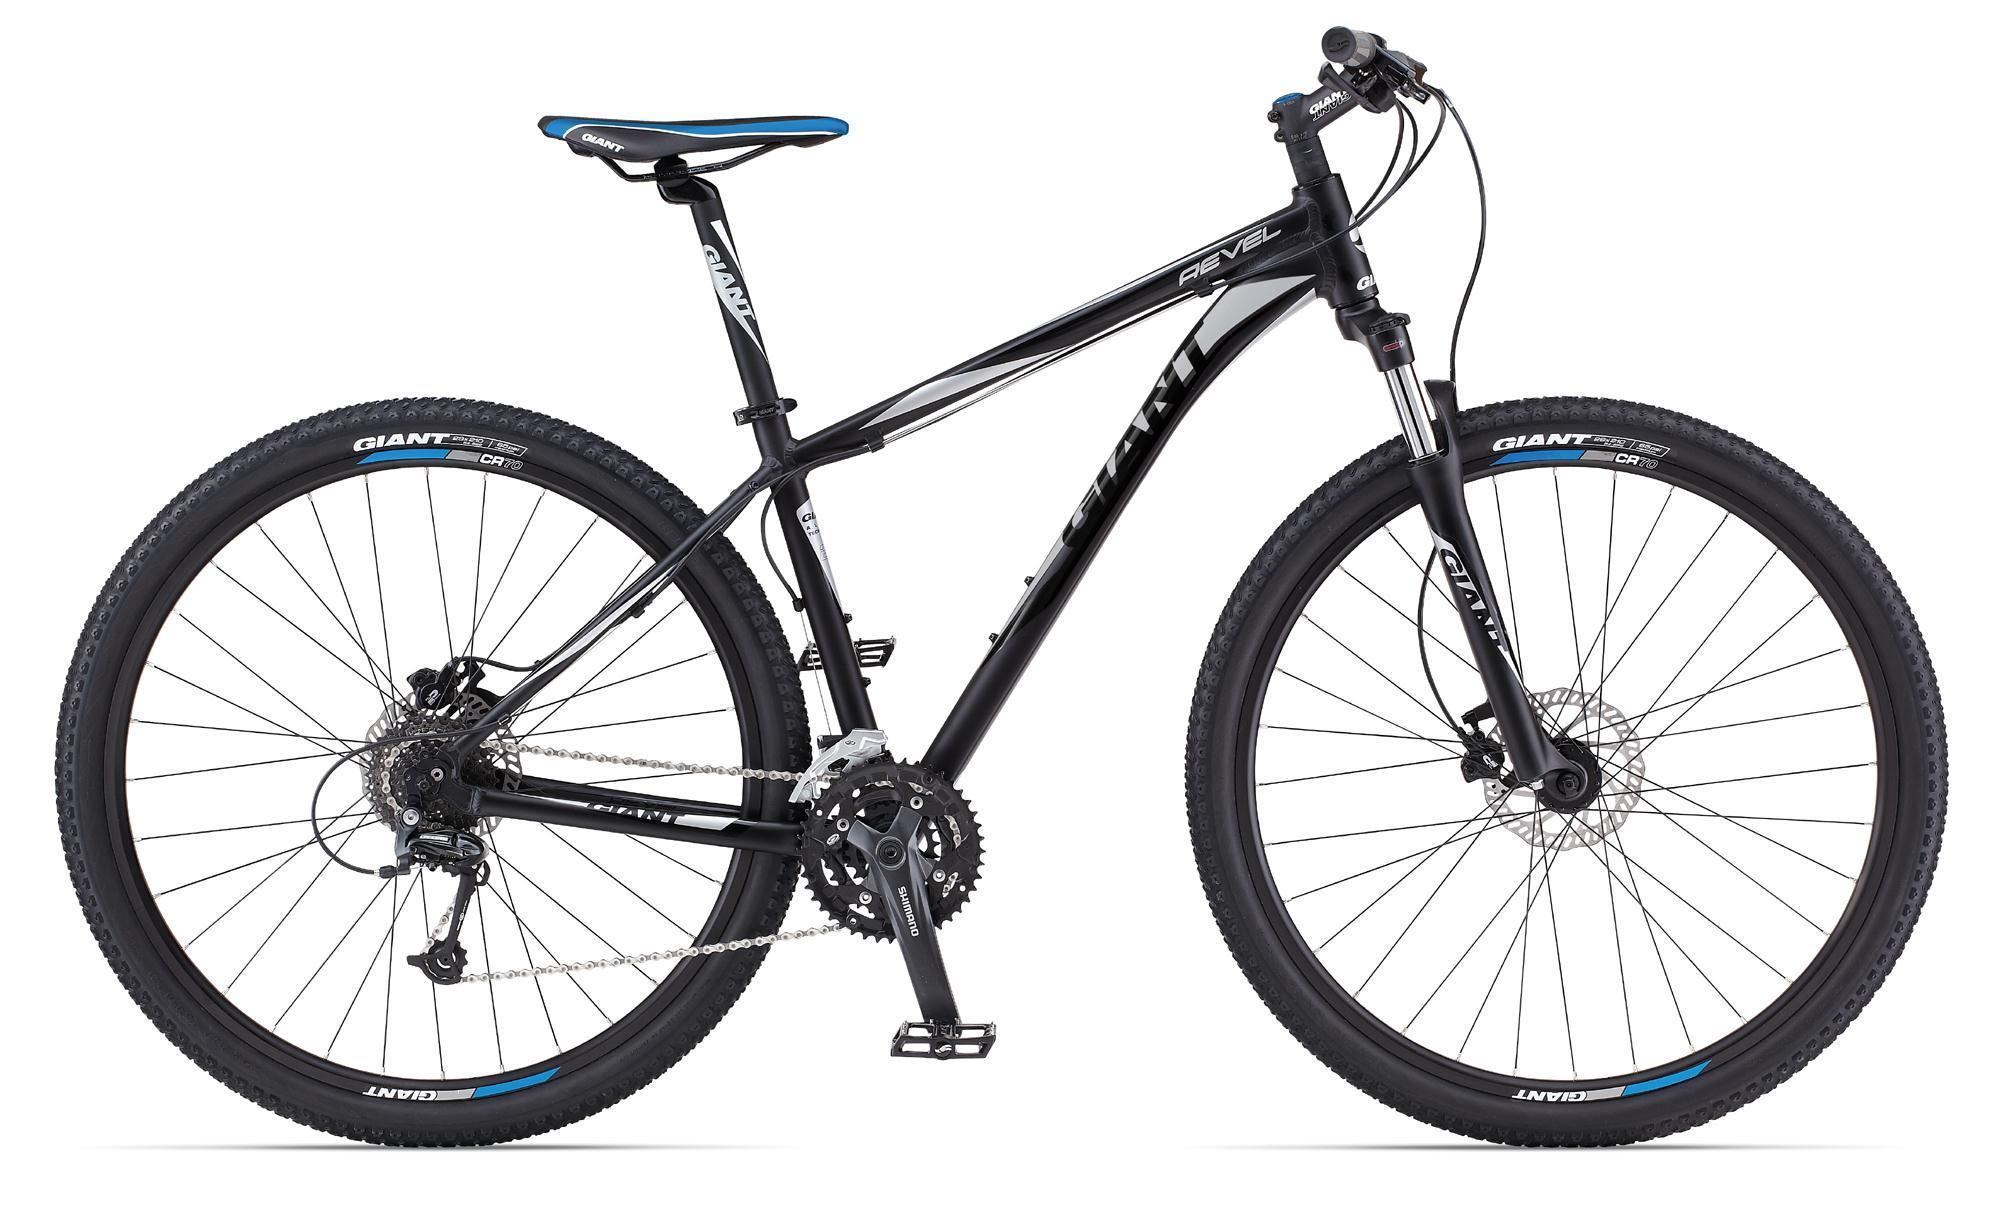 Giant Revel 29er 0 (2014)Горные<br>Спортивный горный велосипед хардтейл с 29 колесами, дисковыми гидравлическими тормозами и сбалансированной навеской. Качественно новые ощущения от езды!<br>